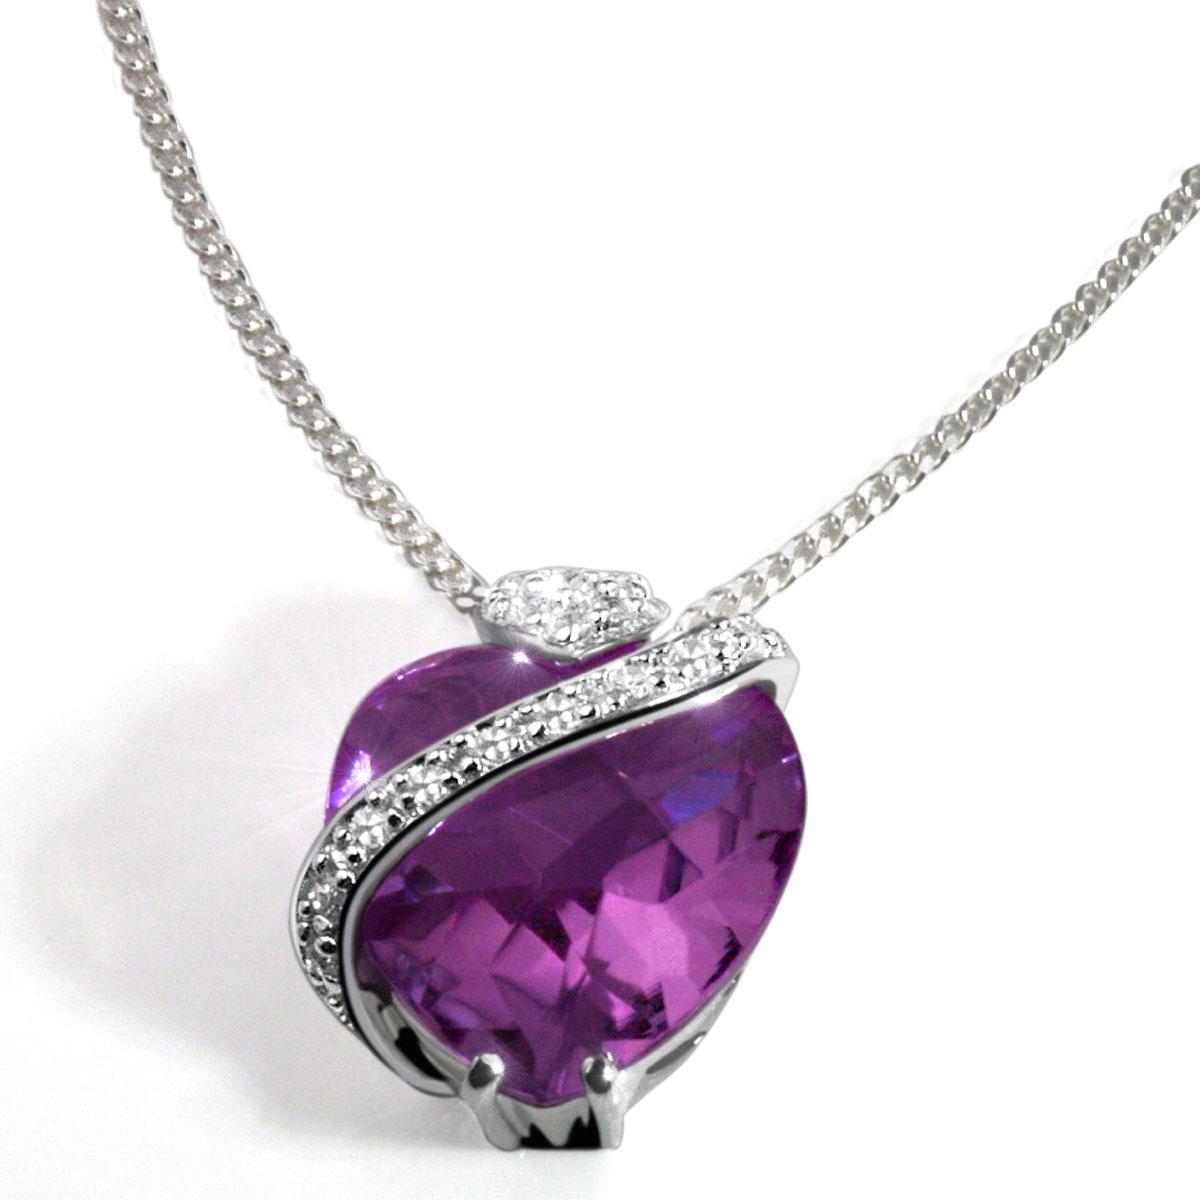 goldmaid-Silber-Collier-Amethyst-Farbsteine-Herz-Lila-Schachbrett-Anhaenger